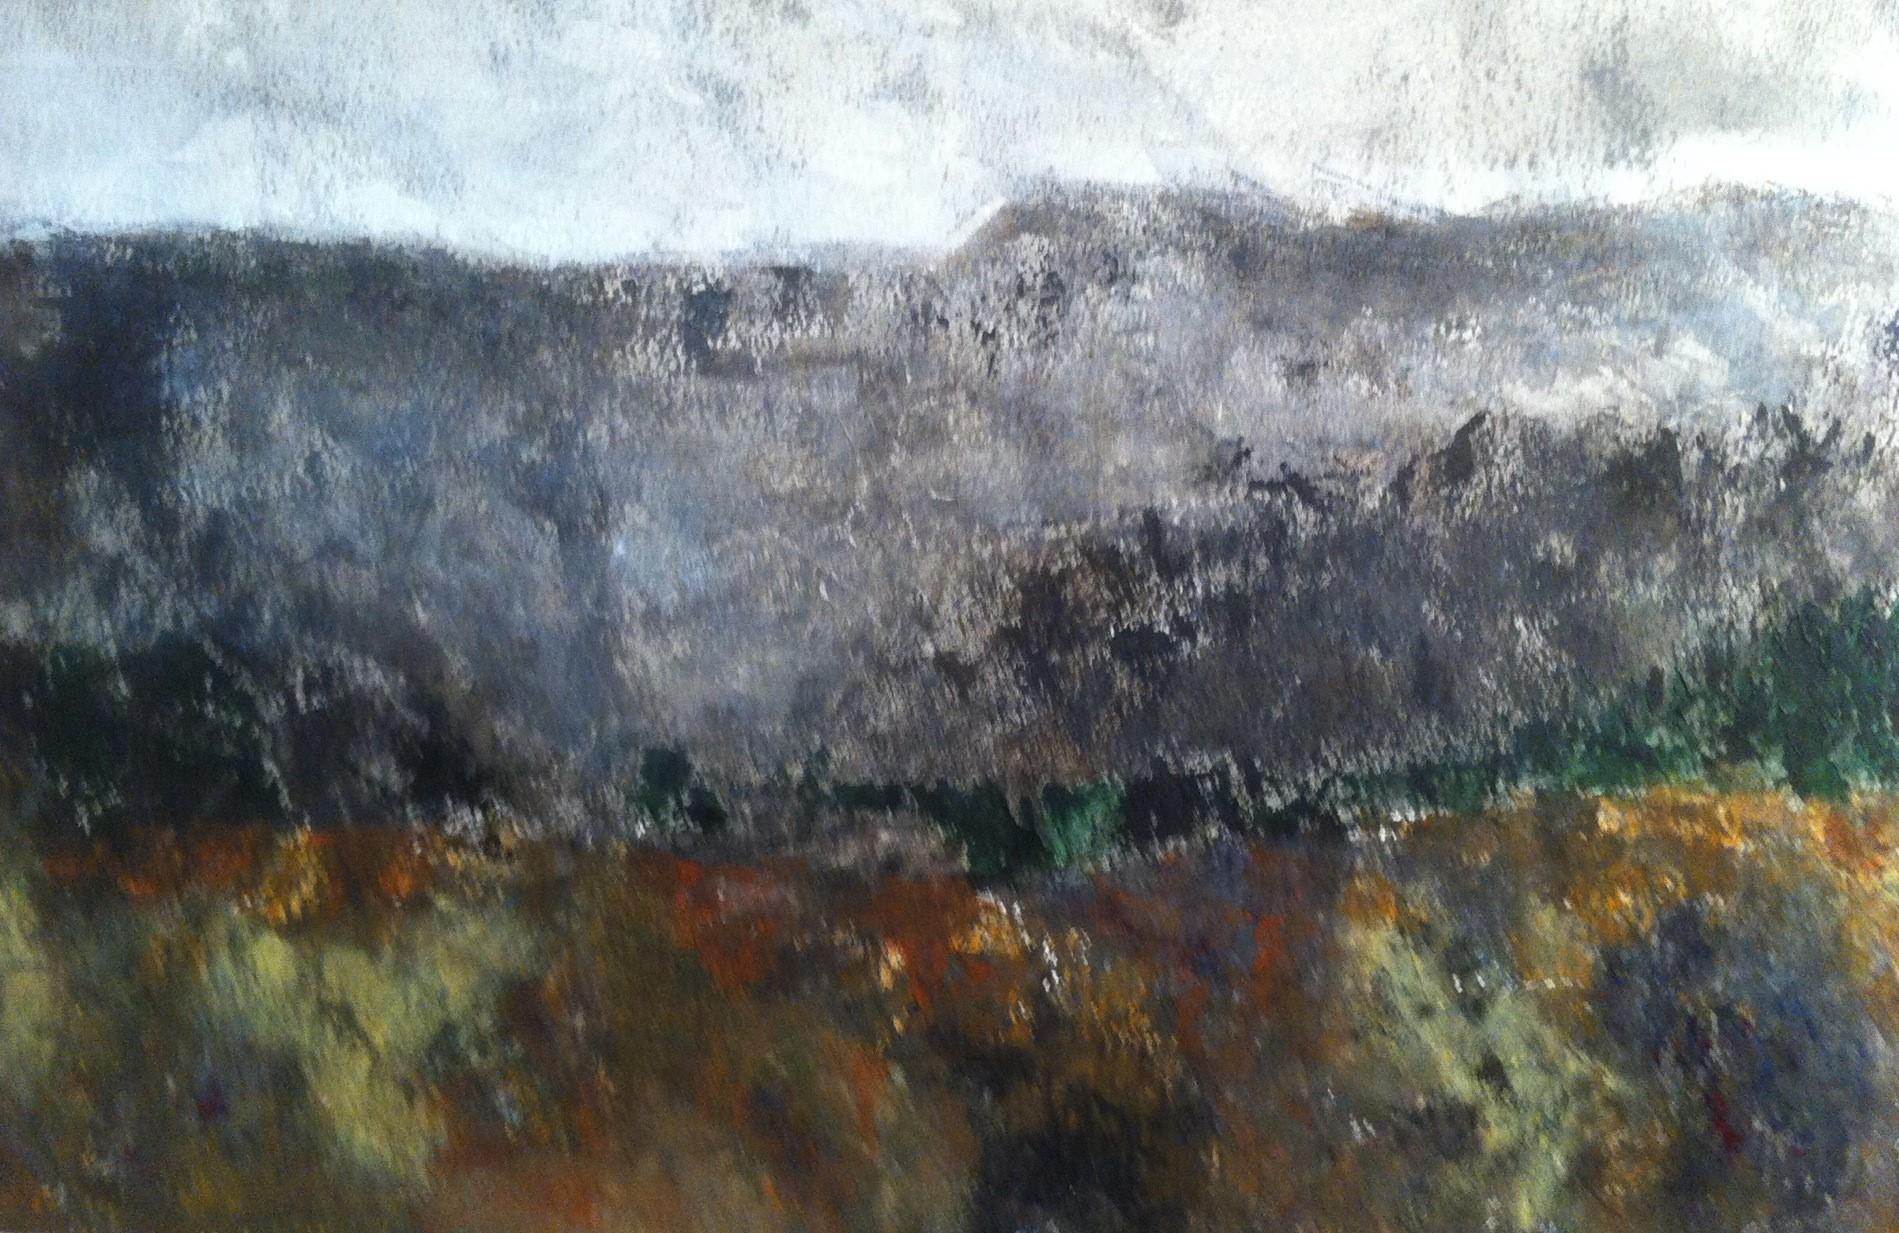 N°952 - Automne dans l'arrière pays - Acrylique et pigments sur papier - 38 x 56 cm - 19 décembre 2013